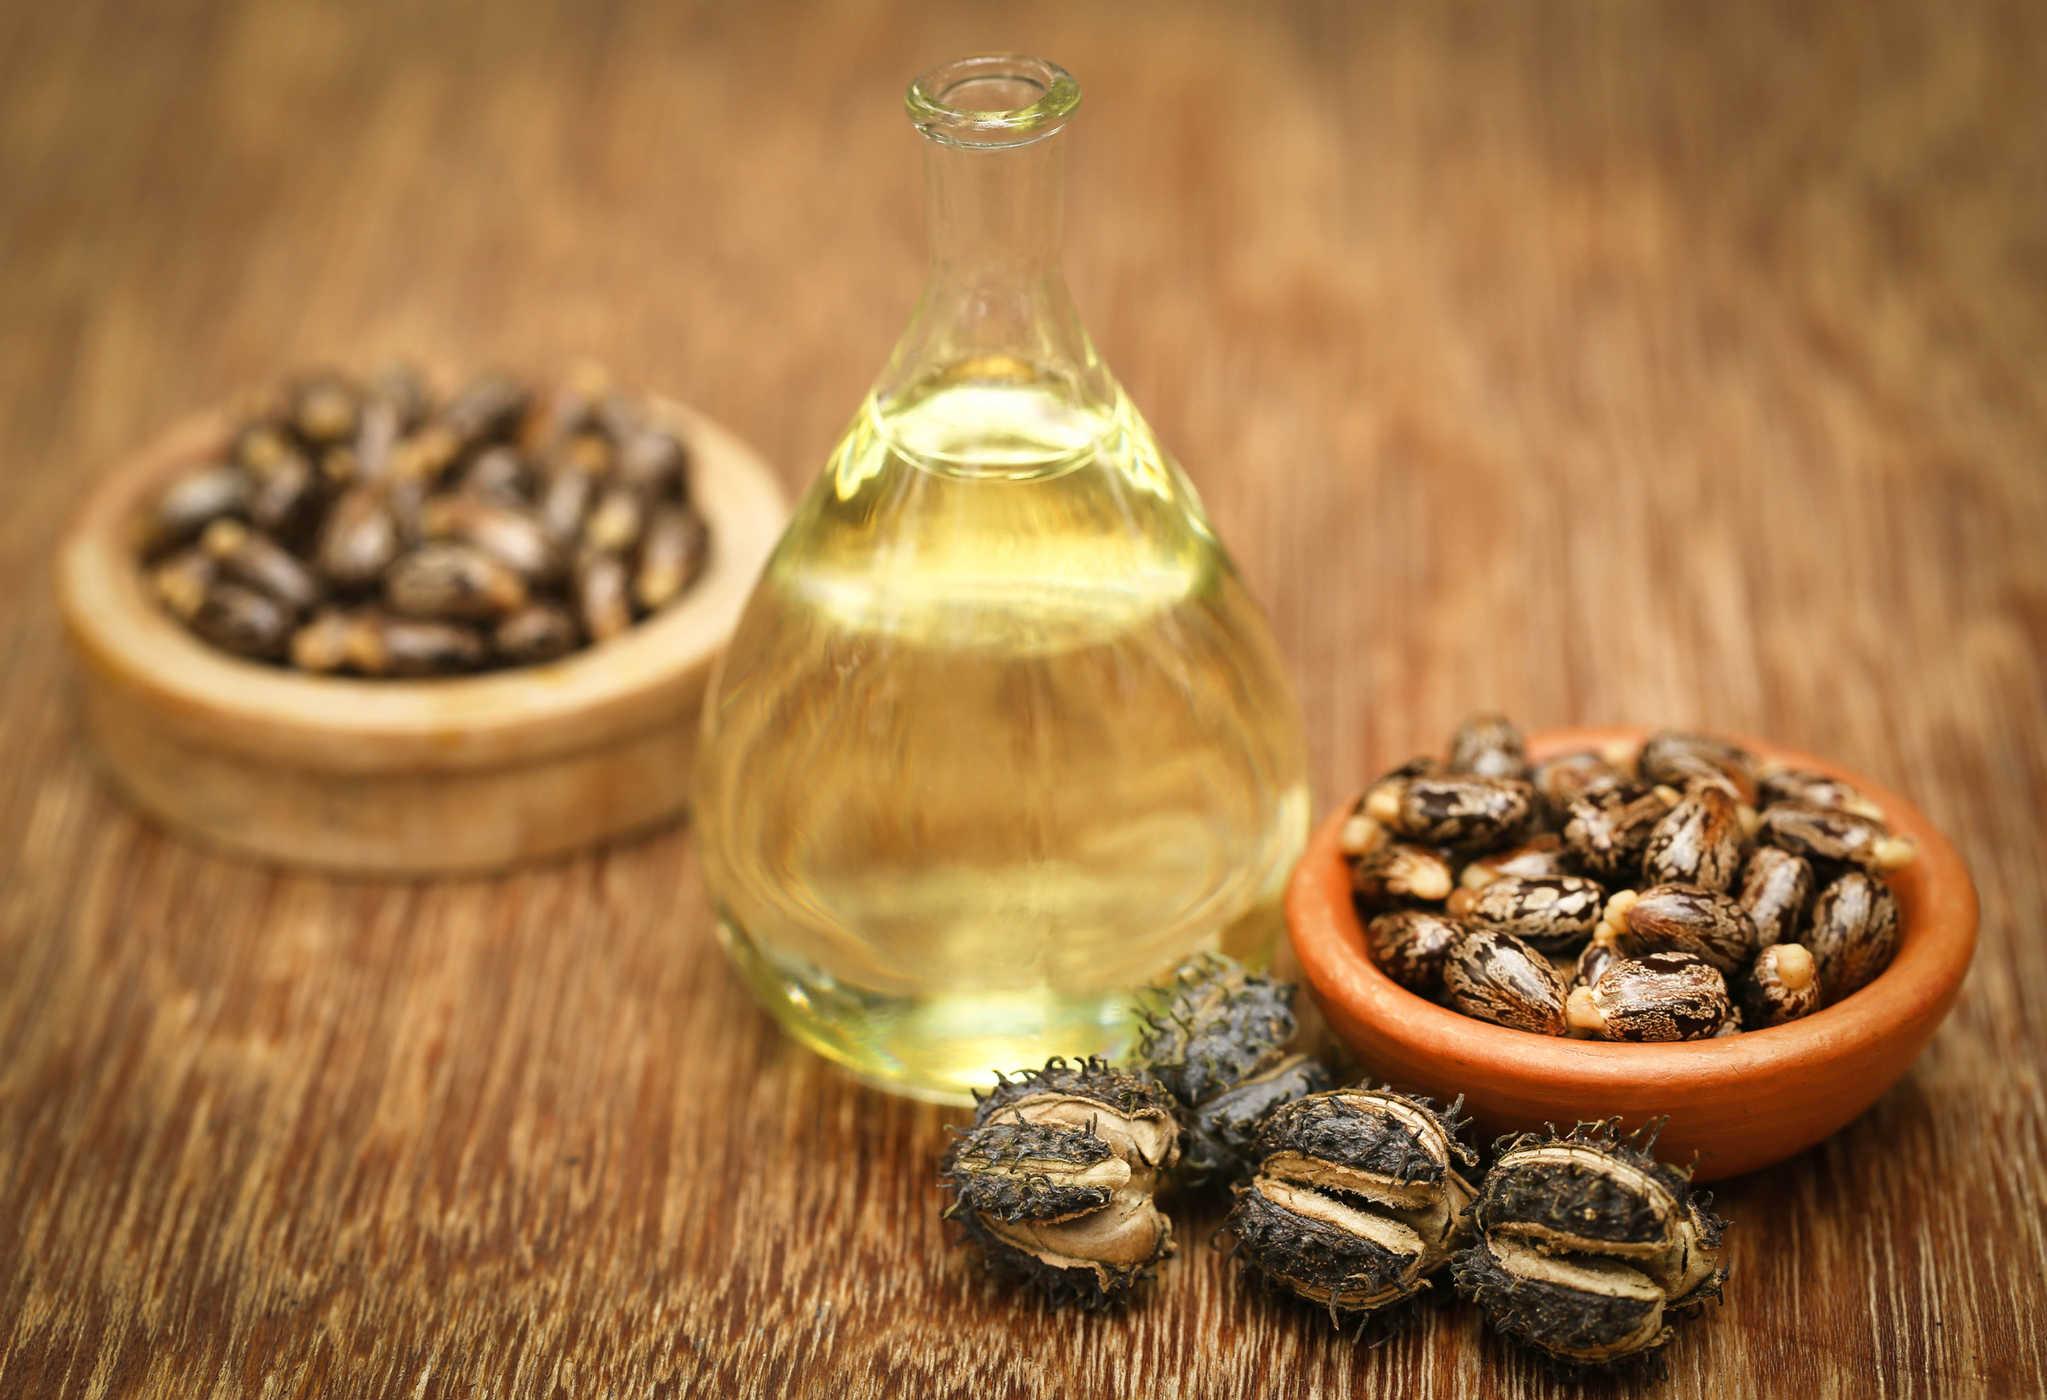 Dầu thầu dầu kết hợp với tỏi cũng có tác dụng tẩy nốt ruồi